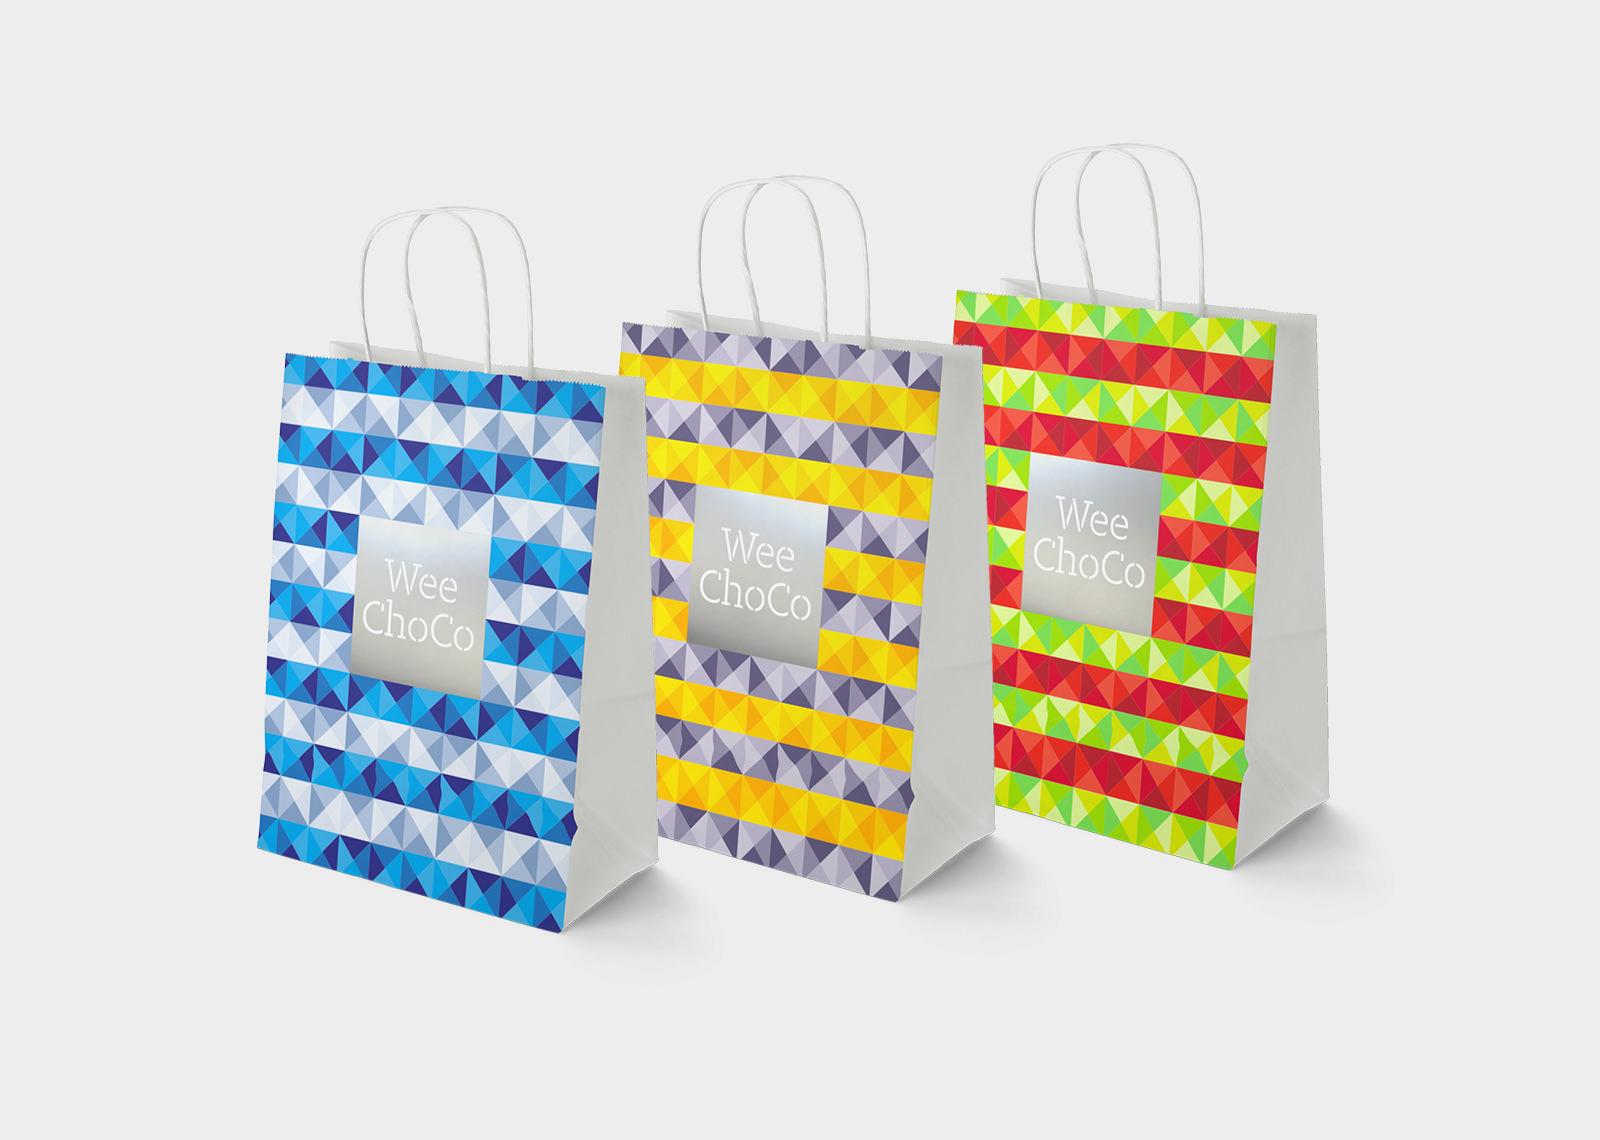 WeeChoco-Brand-And-Packaging-Design-Sean-Greer-Brand-And-Website-Design-Belfast-05.jpg